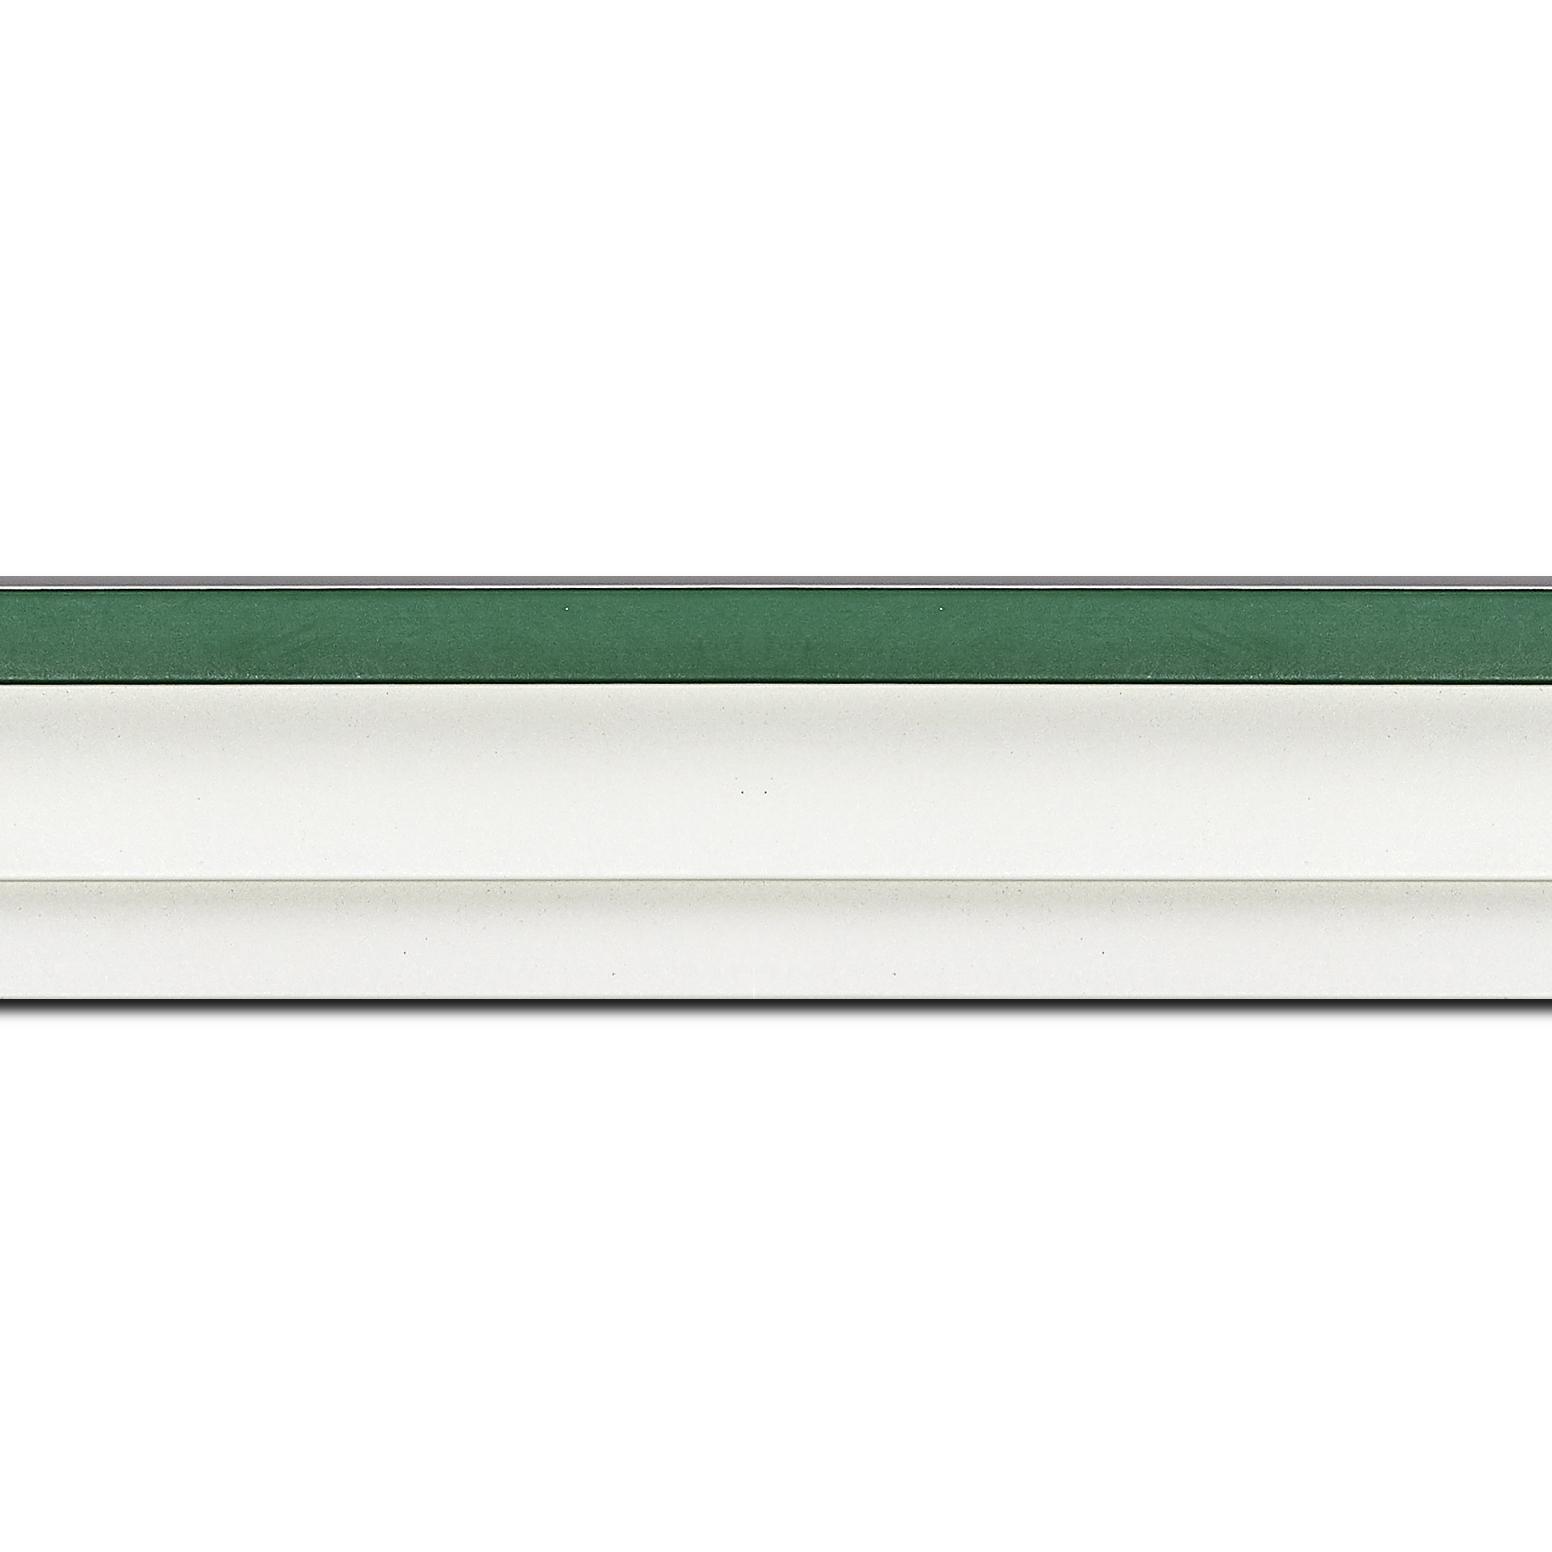 Pack par 12m, bois caisse américaine profil escalier largeur 4.5cm blanc mat filet vert (spécialement conçu pour les châssis d'une épaisseur jusqu'à 2.5cm )(longueur baguette pouvant varier entre 2.40m et 3m selon arrivage des bois)